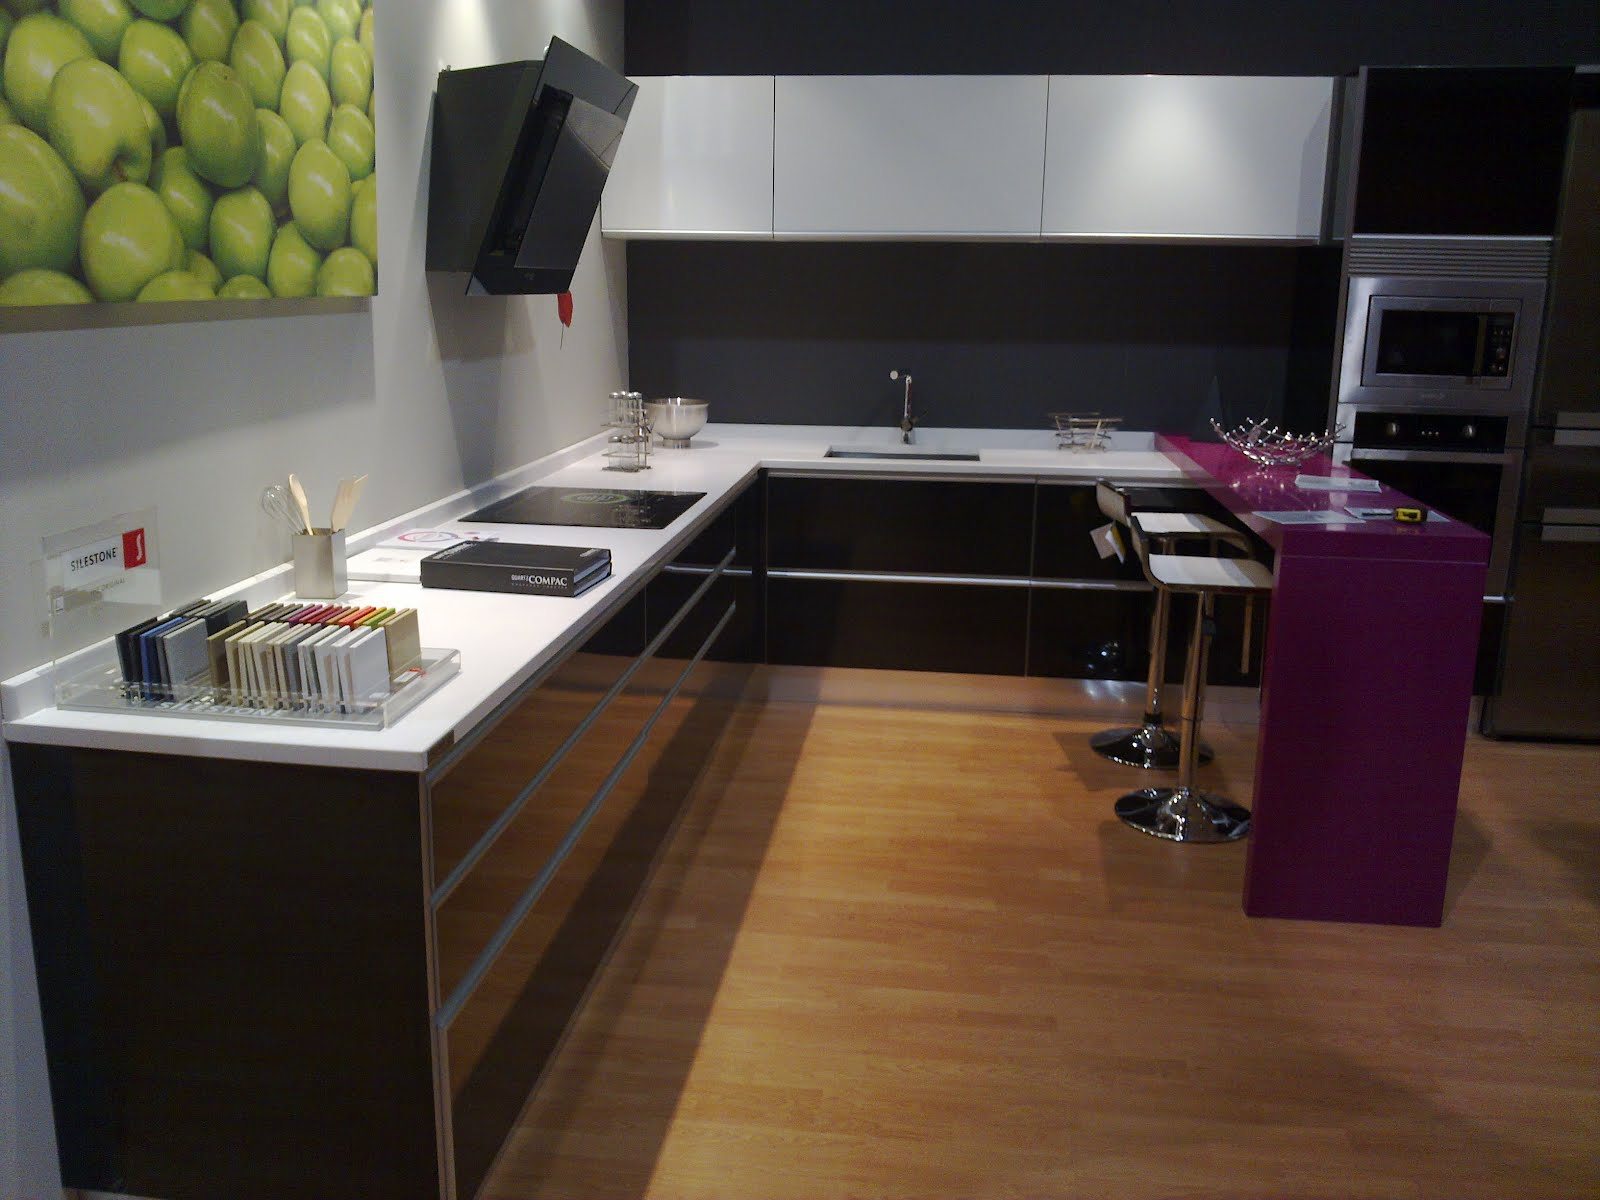 Cocinas mesas y sillas fotos mobiliario de cocina for Mobiliario para cocina